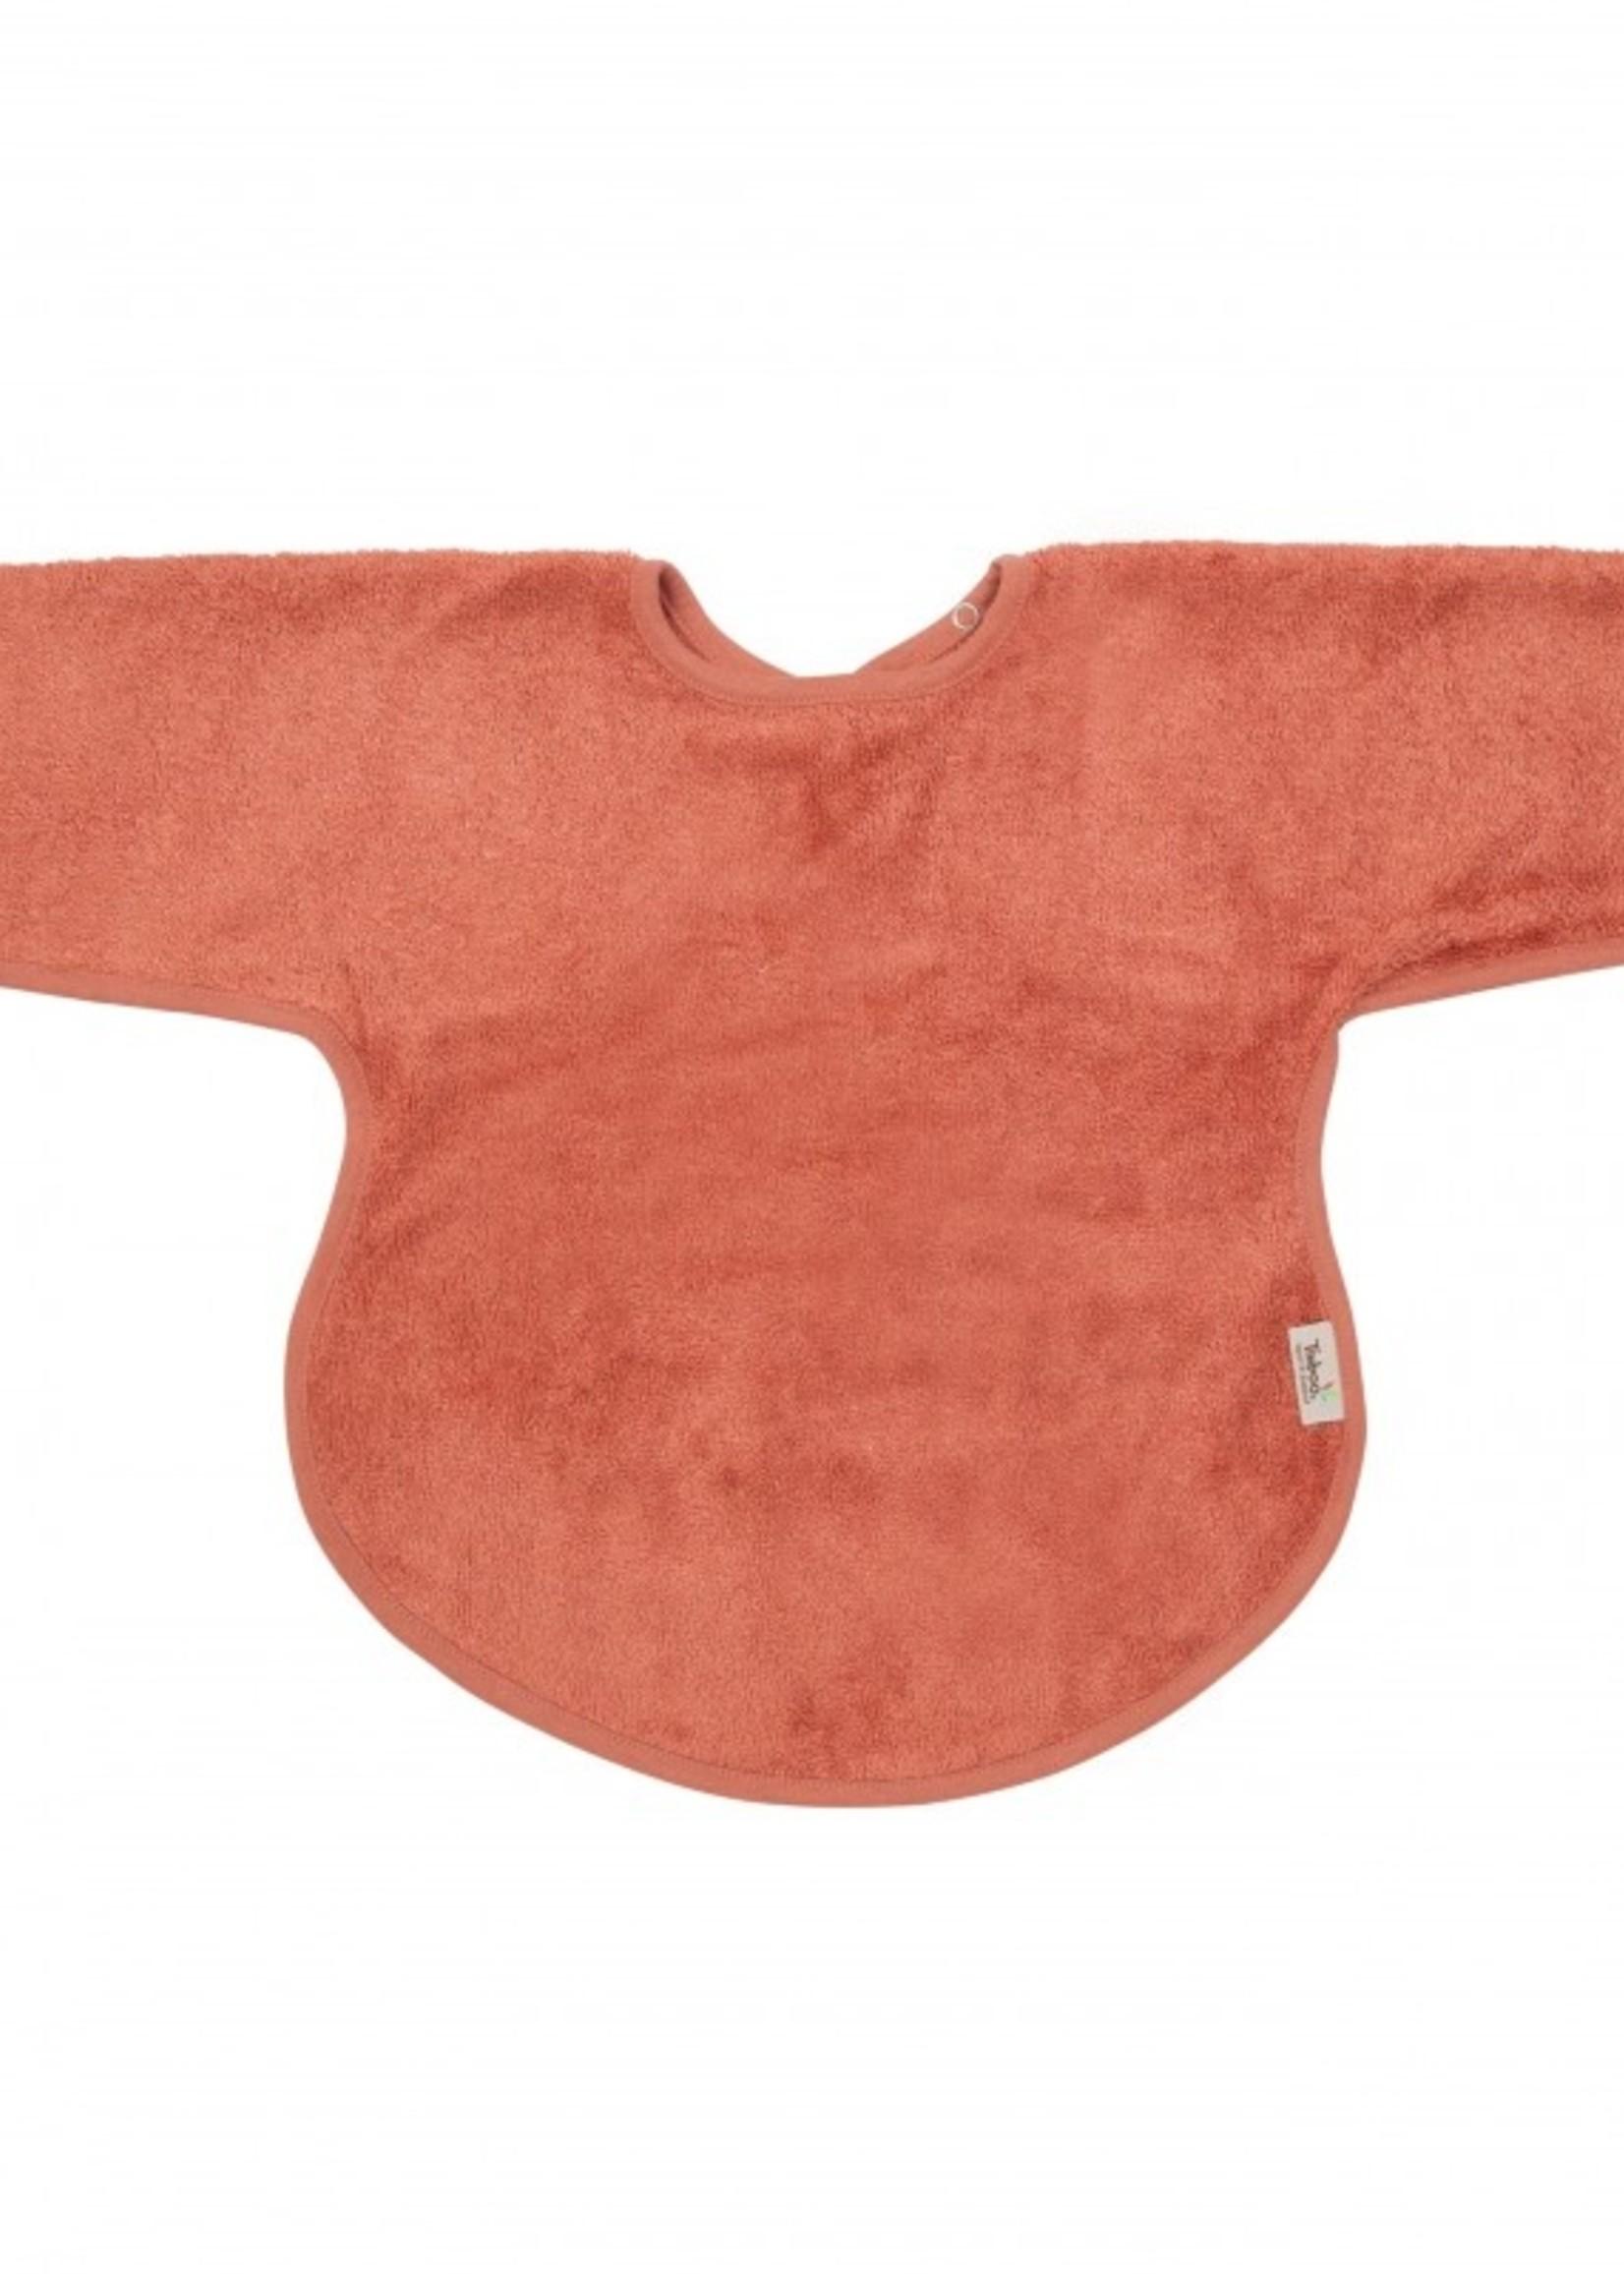 Timboo Bib Long Sleeve apricot